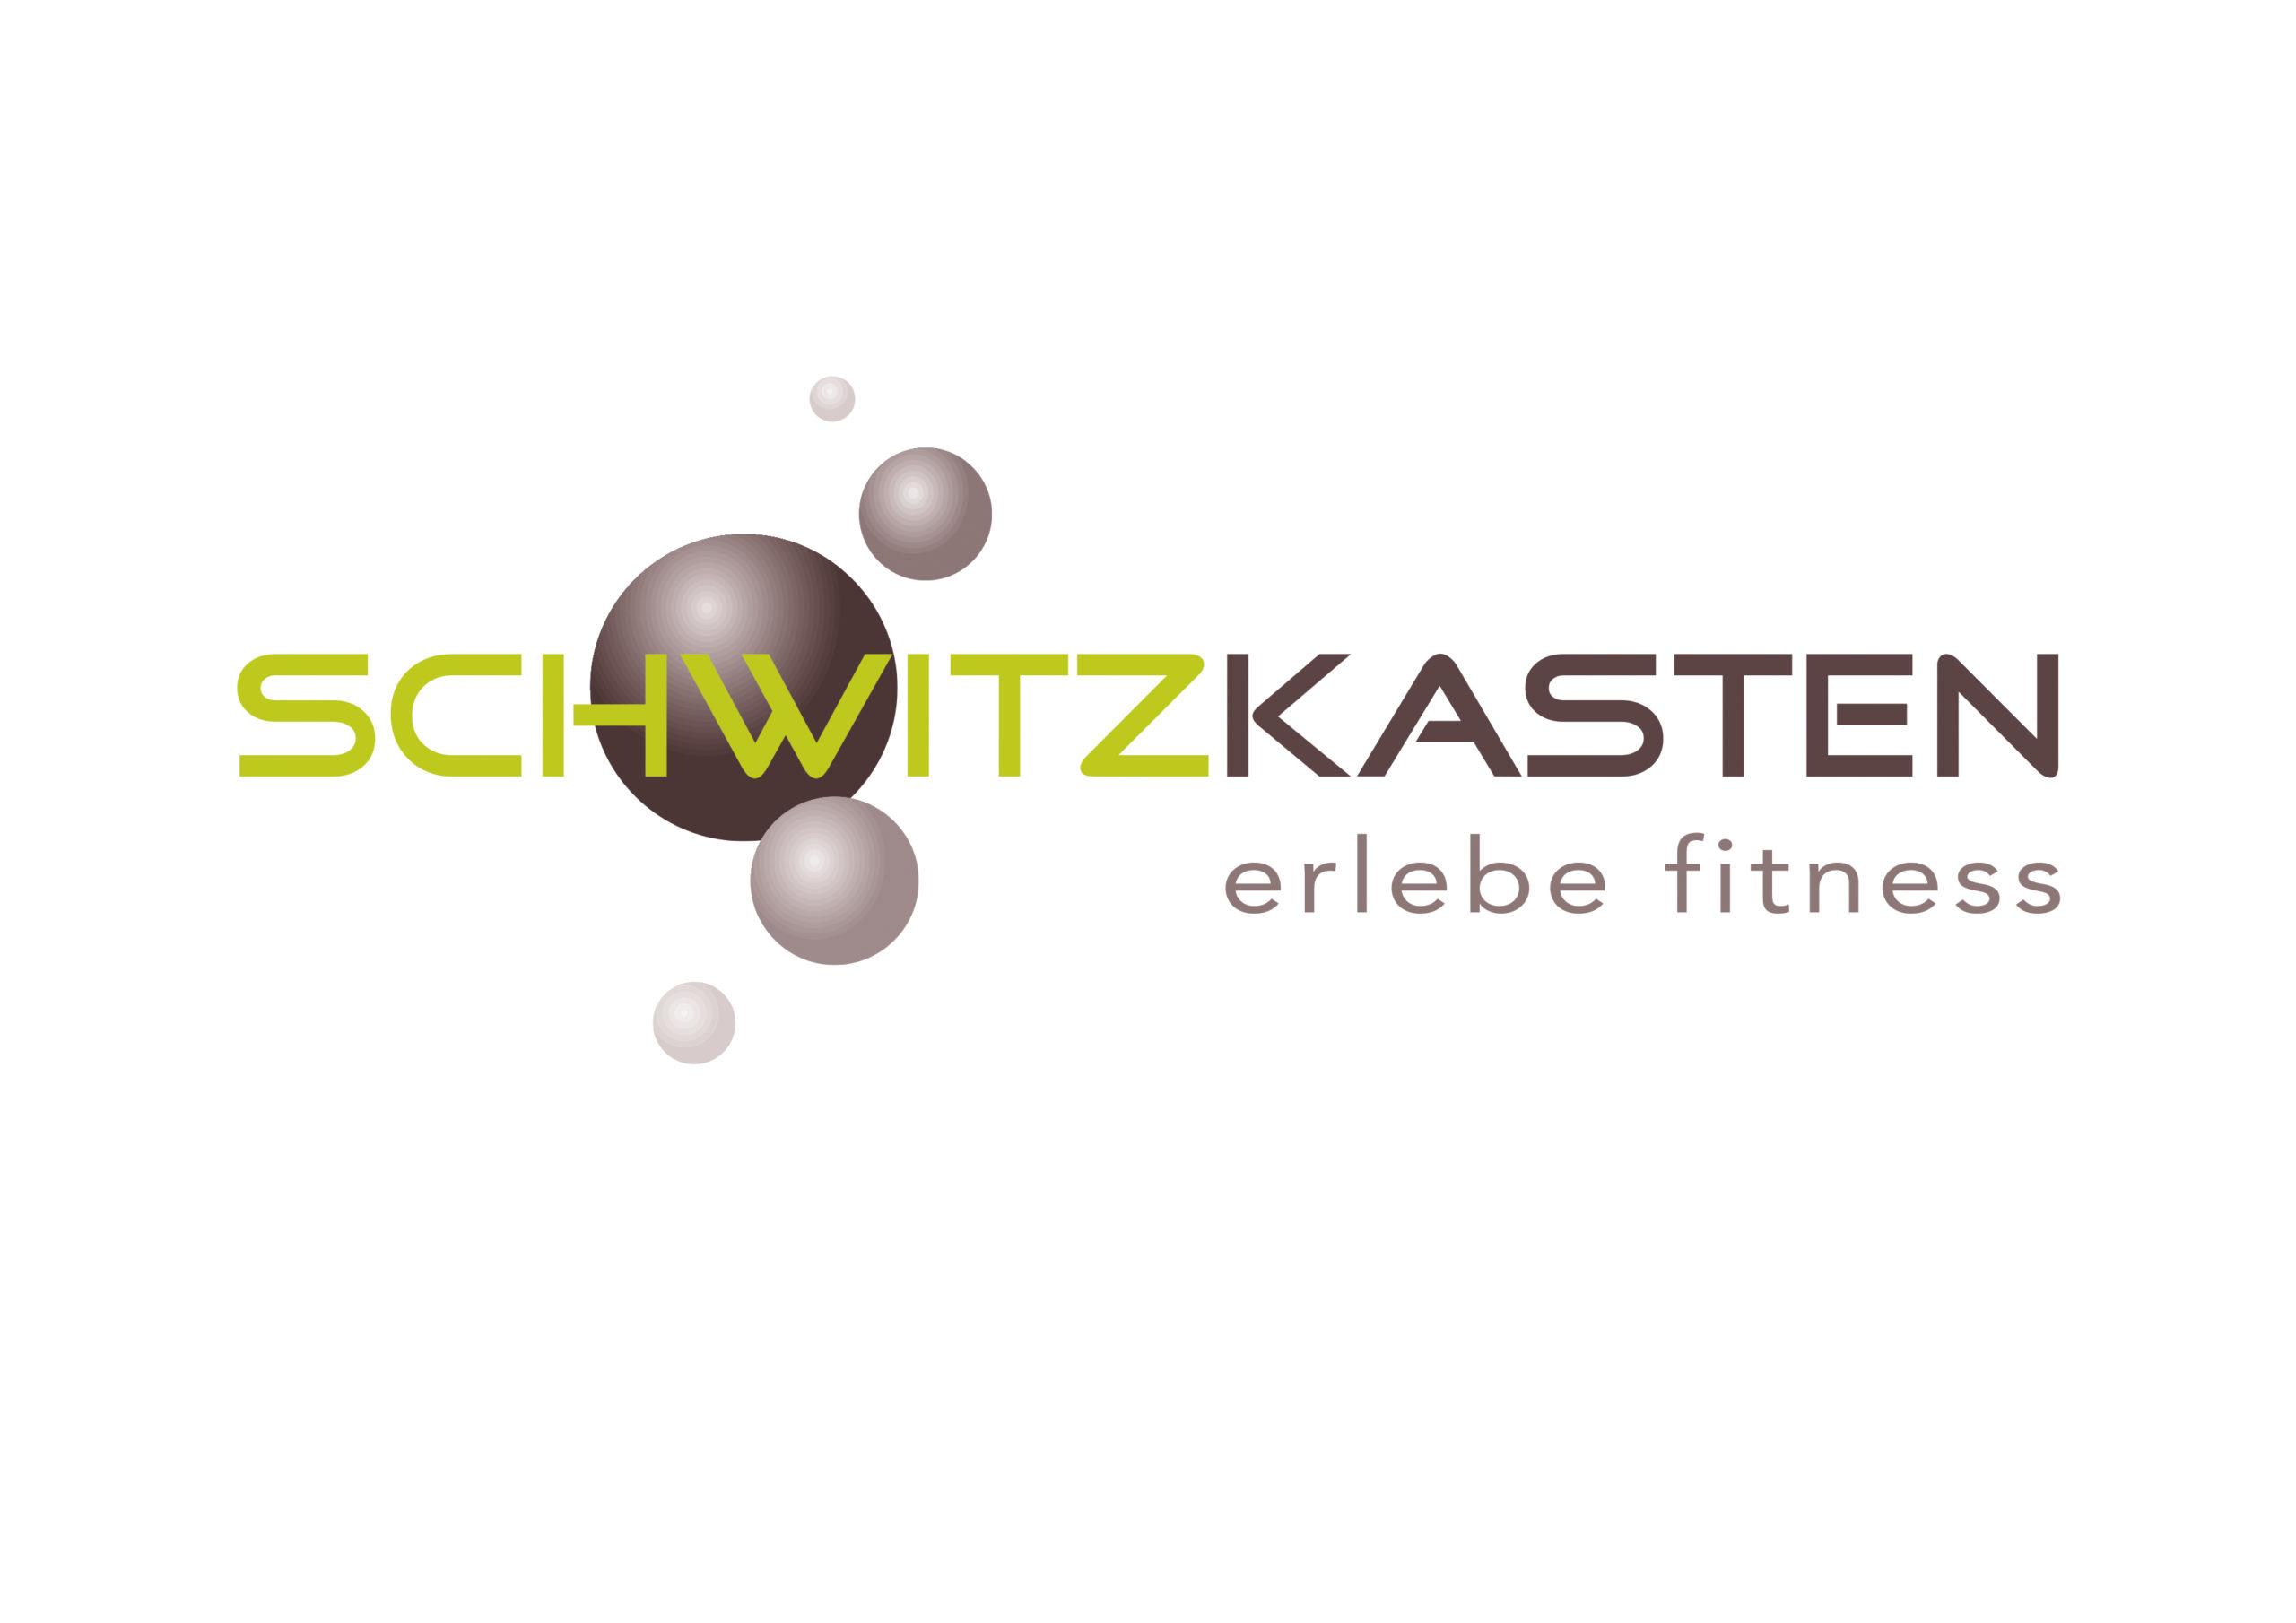 Schwitzkasten